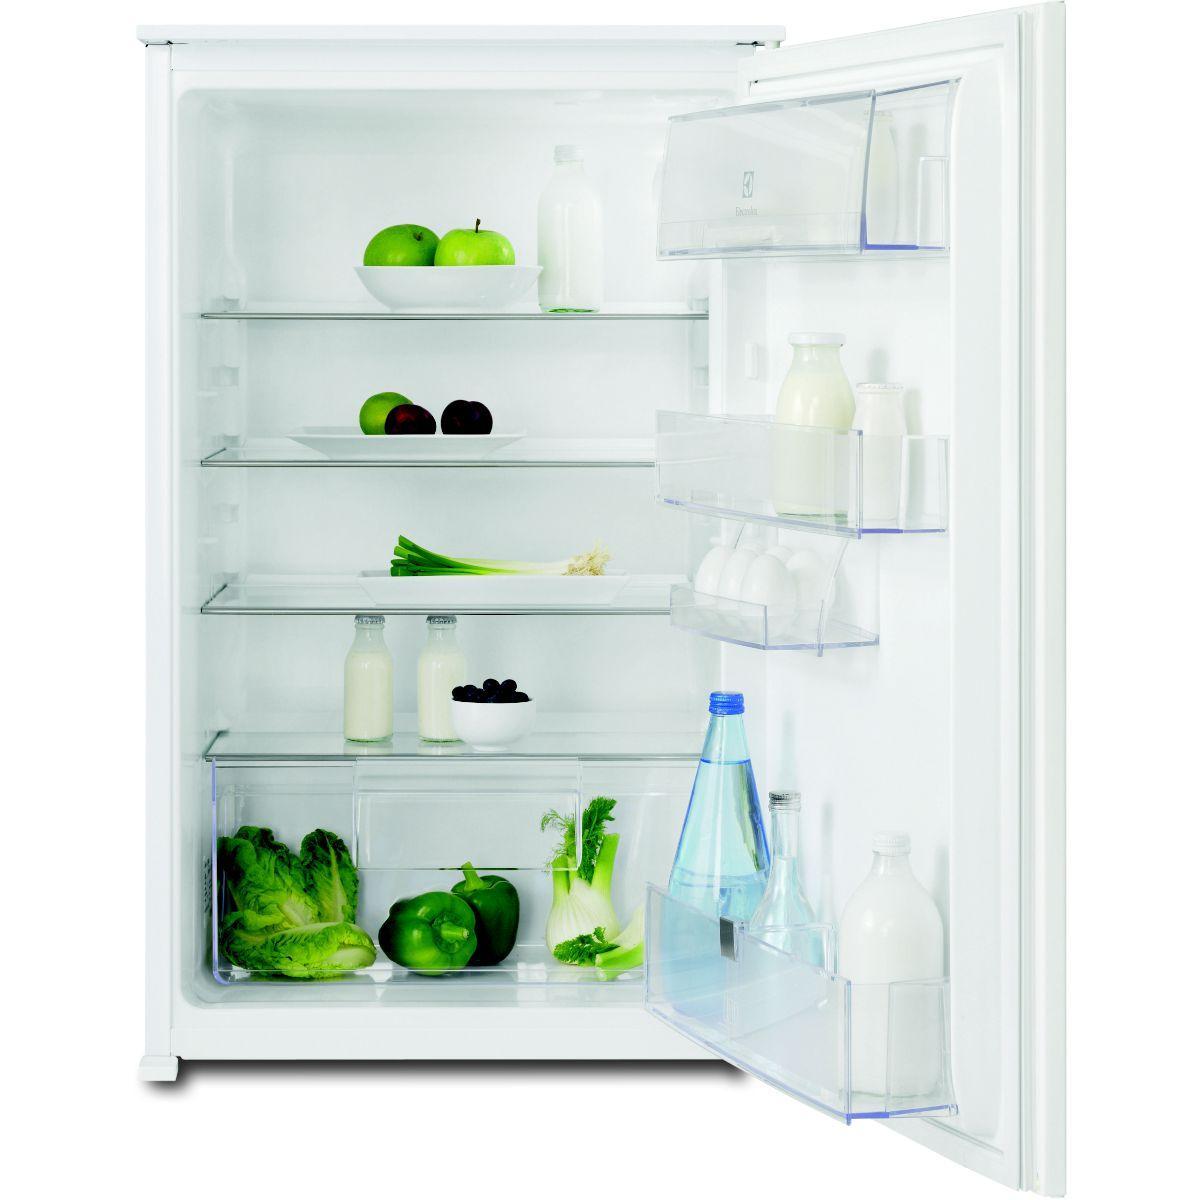 Réfrigérateur intégrable electrolux ern 1402 aow - 2% de remise immédiate avec le code : cool2 (photo)